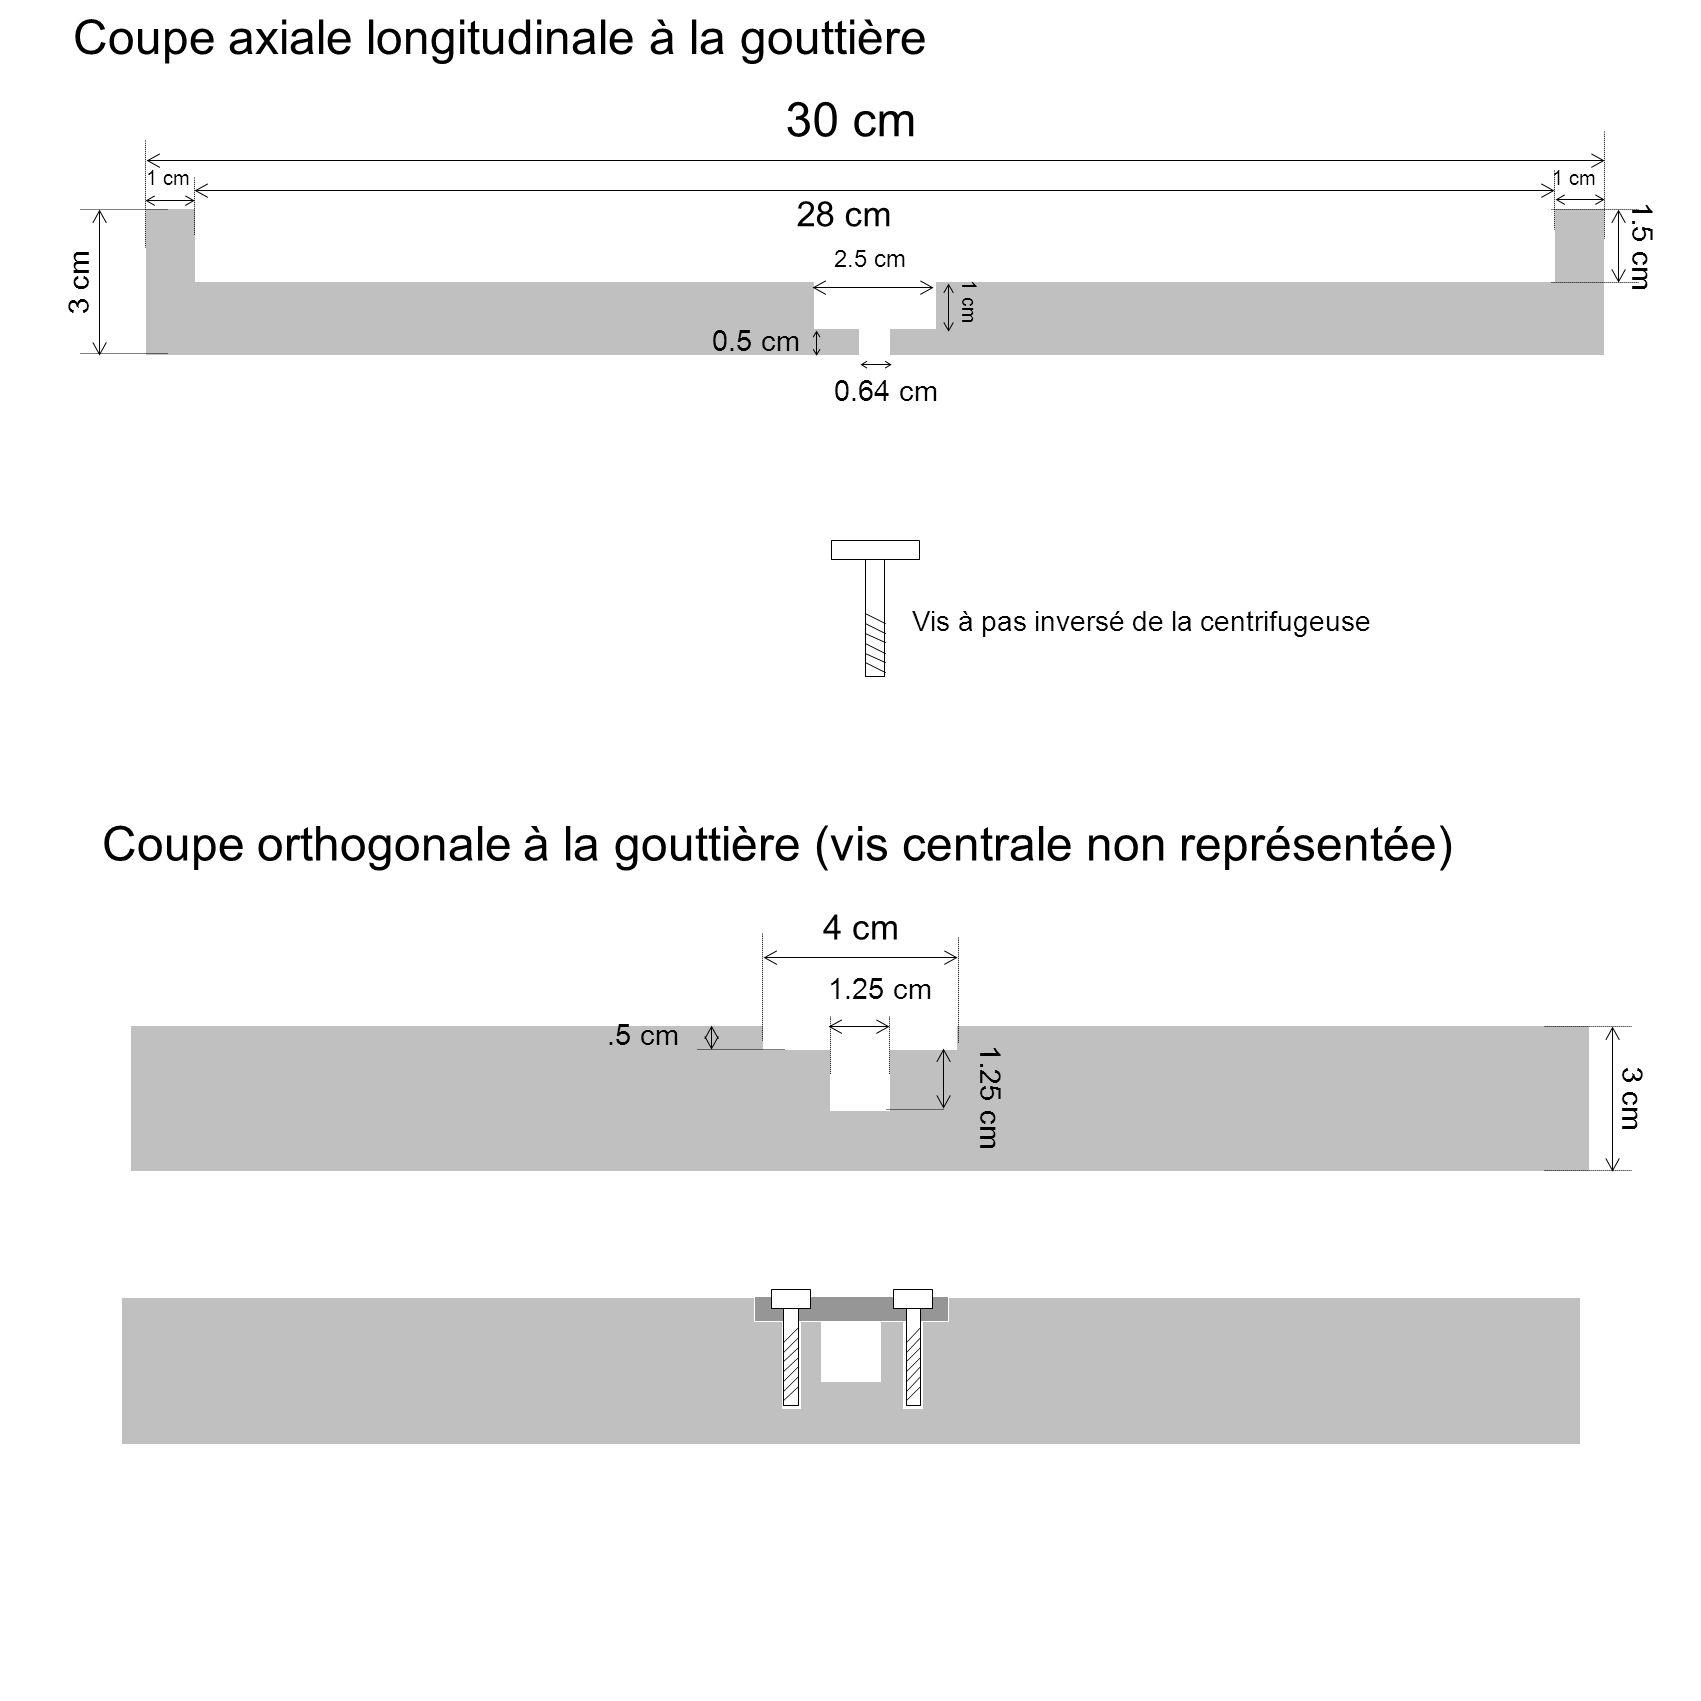 Coupe axiale longitudinale à la gouttière